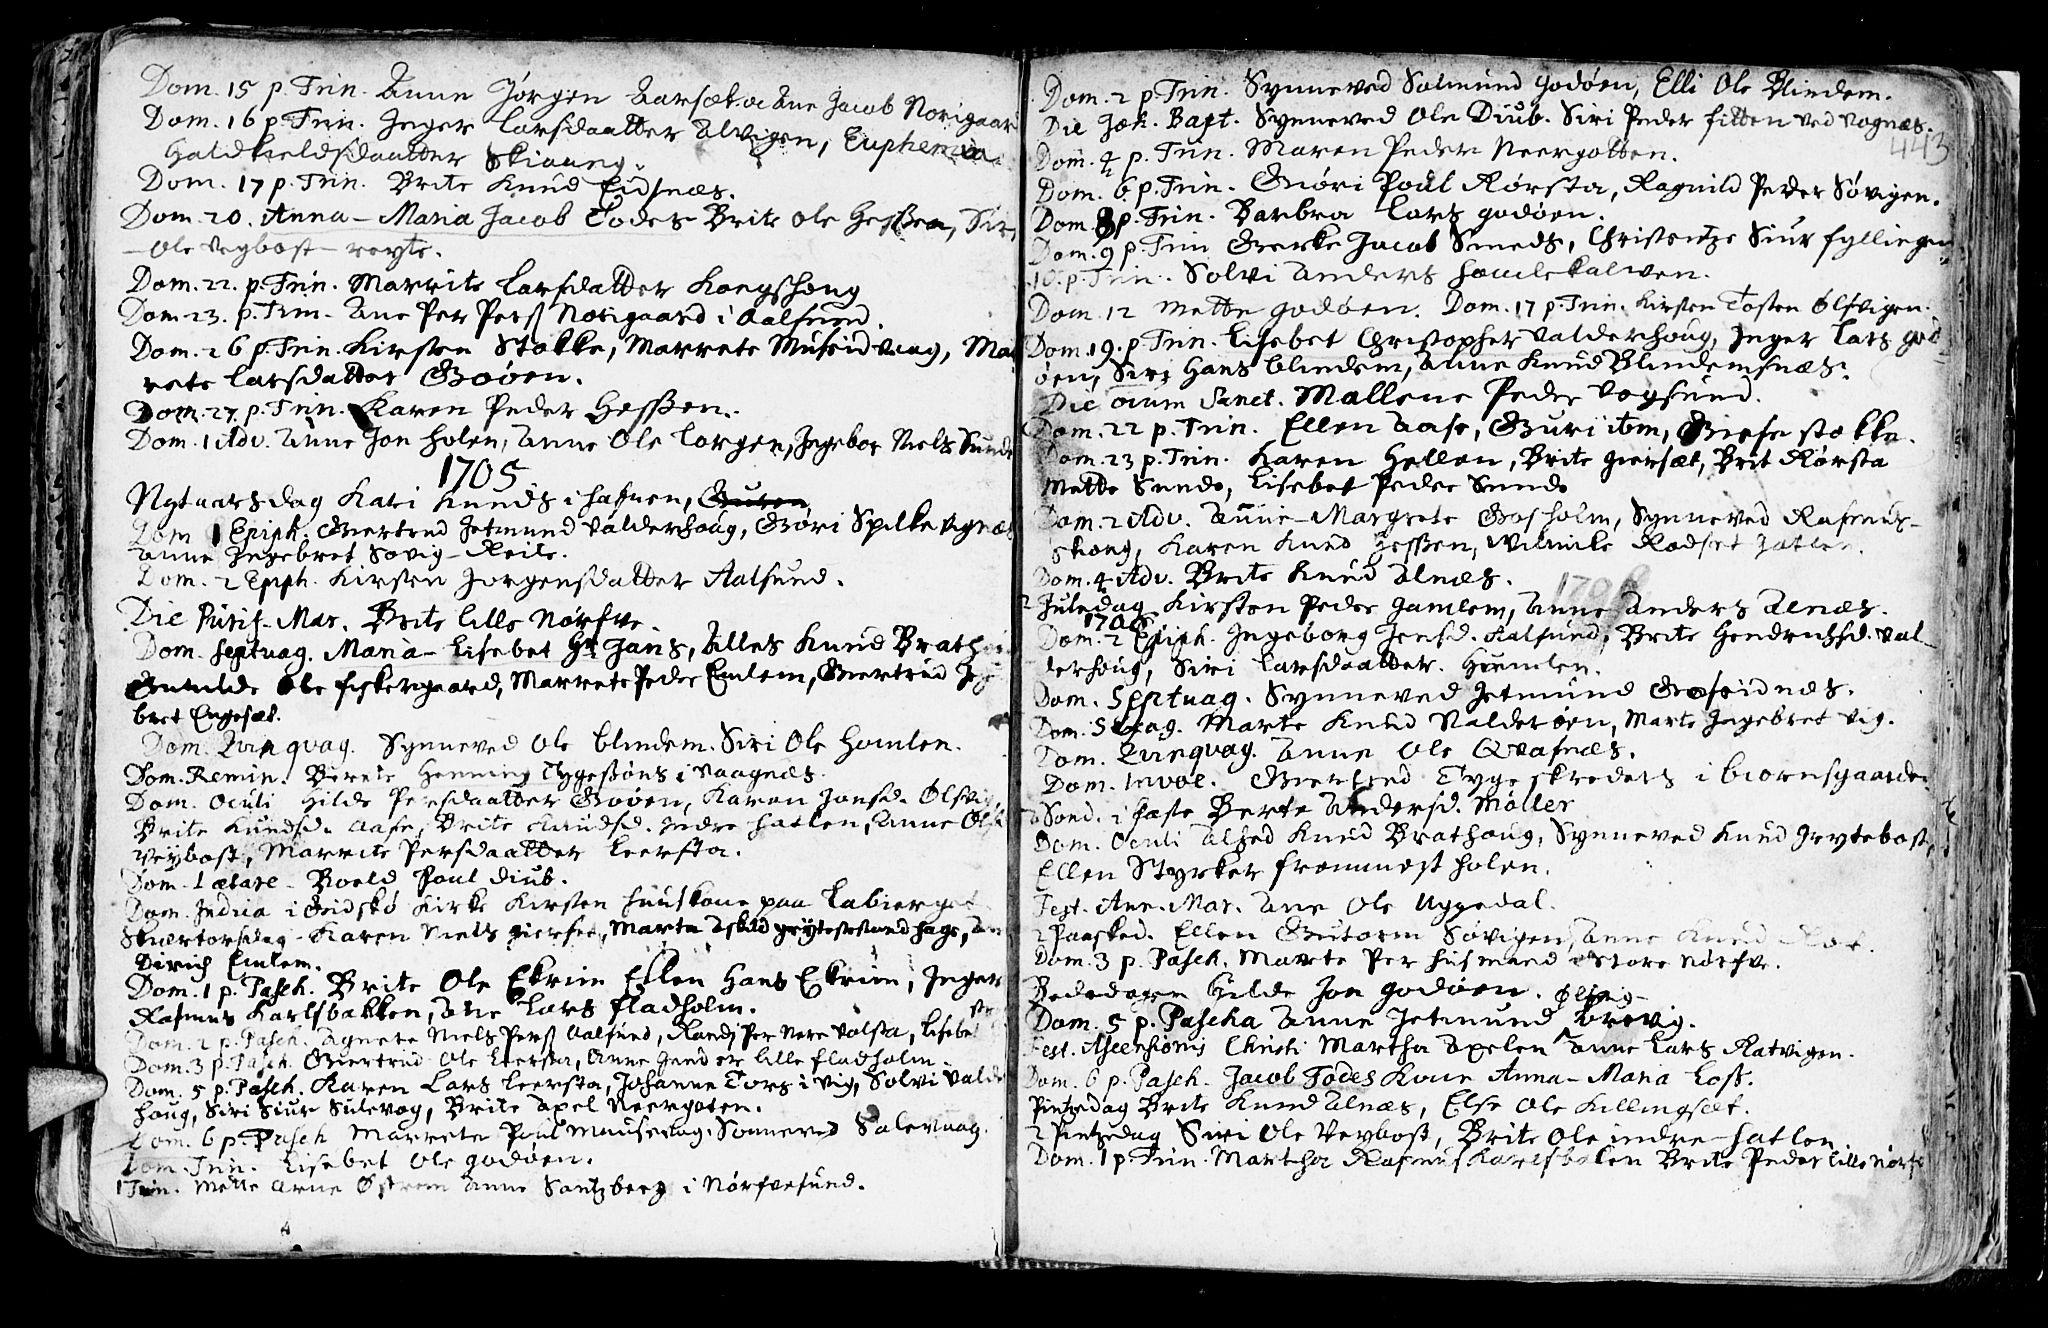 SAT, Ministerialprotokoller, klokkerbøker og fødselsregistre - Møre og Romsdal, 528/L0390: Ministerialbok nr. 528A01, 1698-1739, s. 442-443